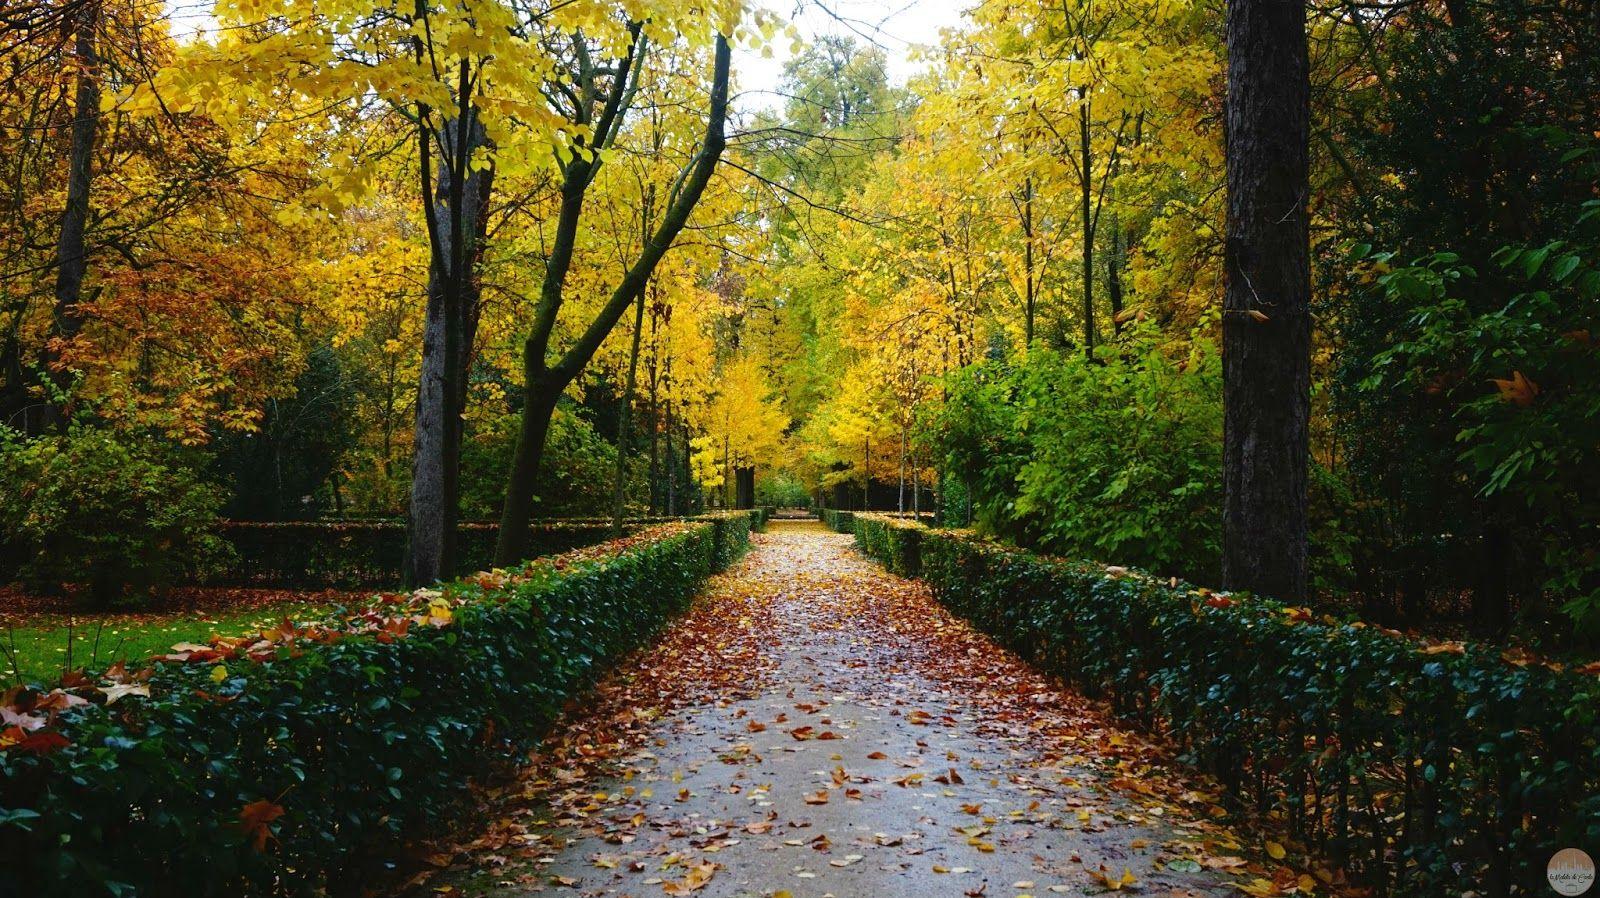 Qué Hacer En Aranjuez En Otoño Visita Al Palacio De Aranjuez Los Jardines Reales Recorrer Aranjuez En Segway Navegar El Tajo En Donde Dormir Viajes Dormido